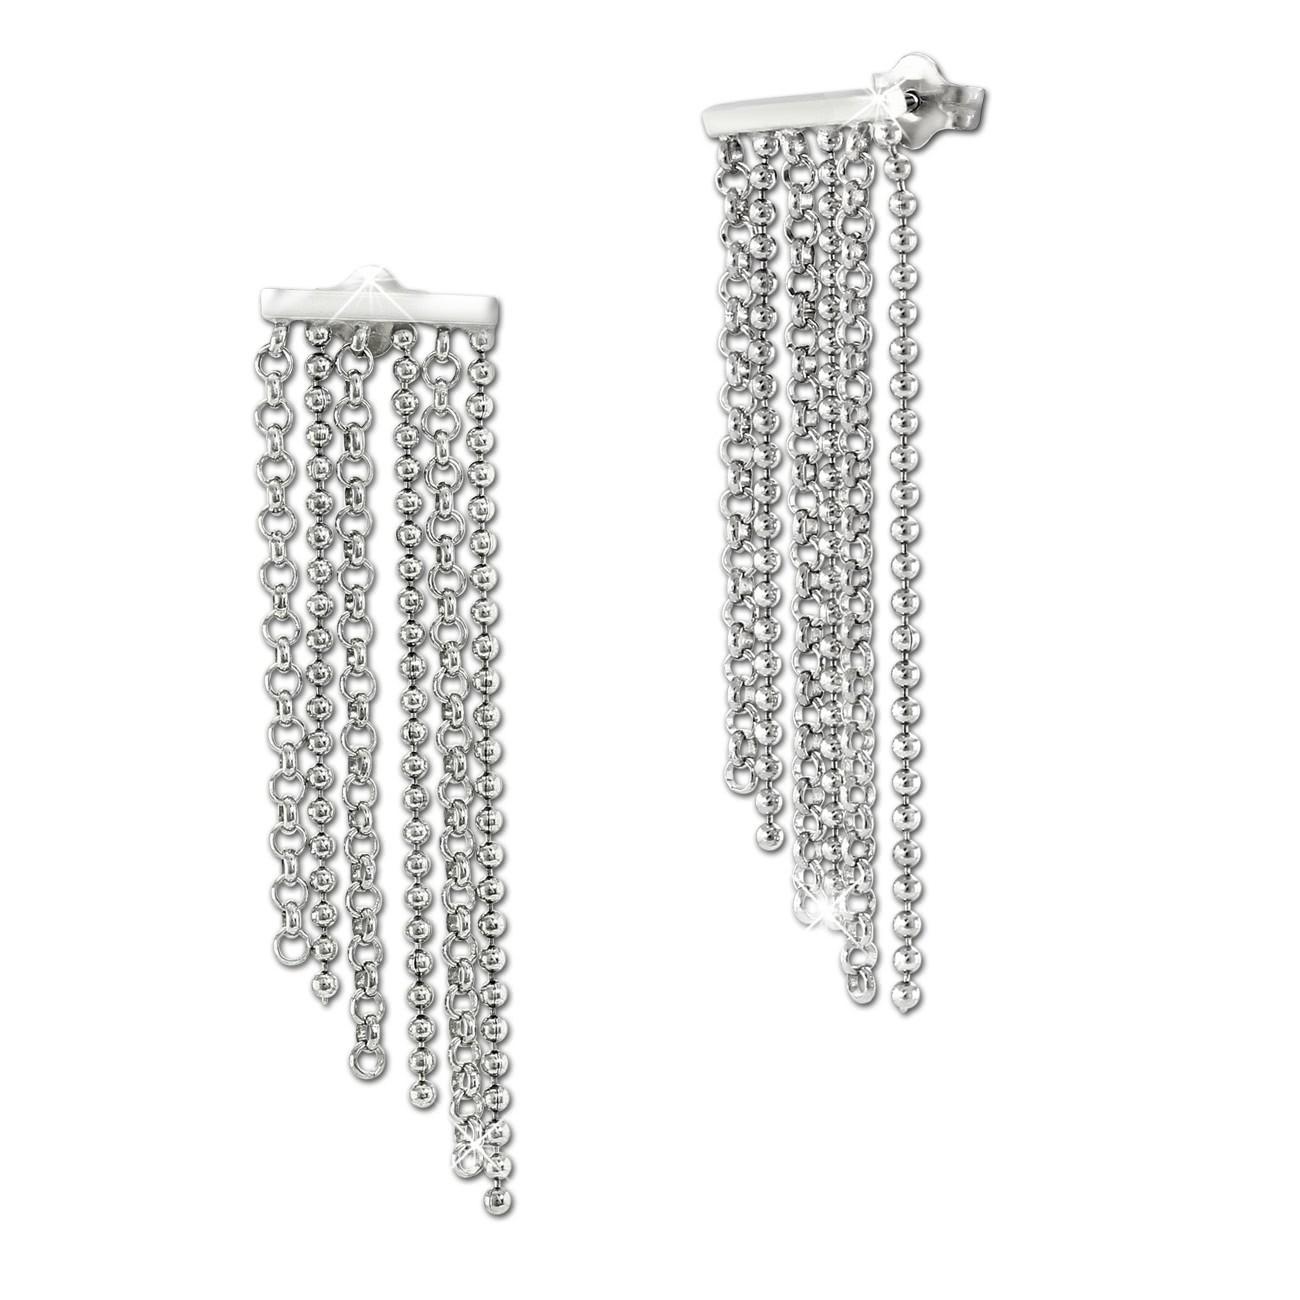 SilberDream Ohrstecker 6er Kettchen glänzend 925 Silber Damen SDO6711J